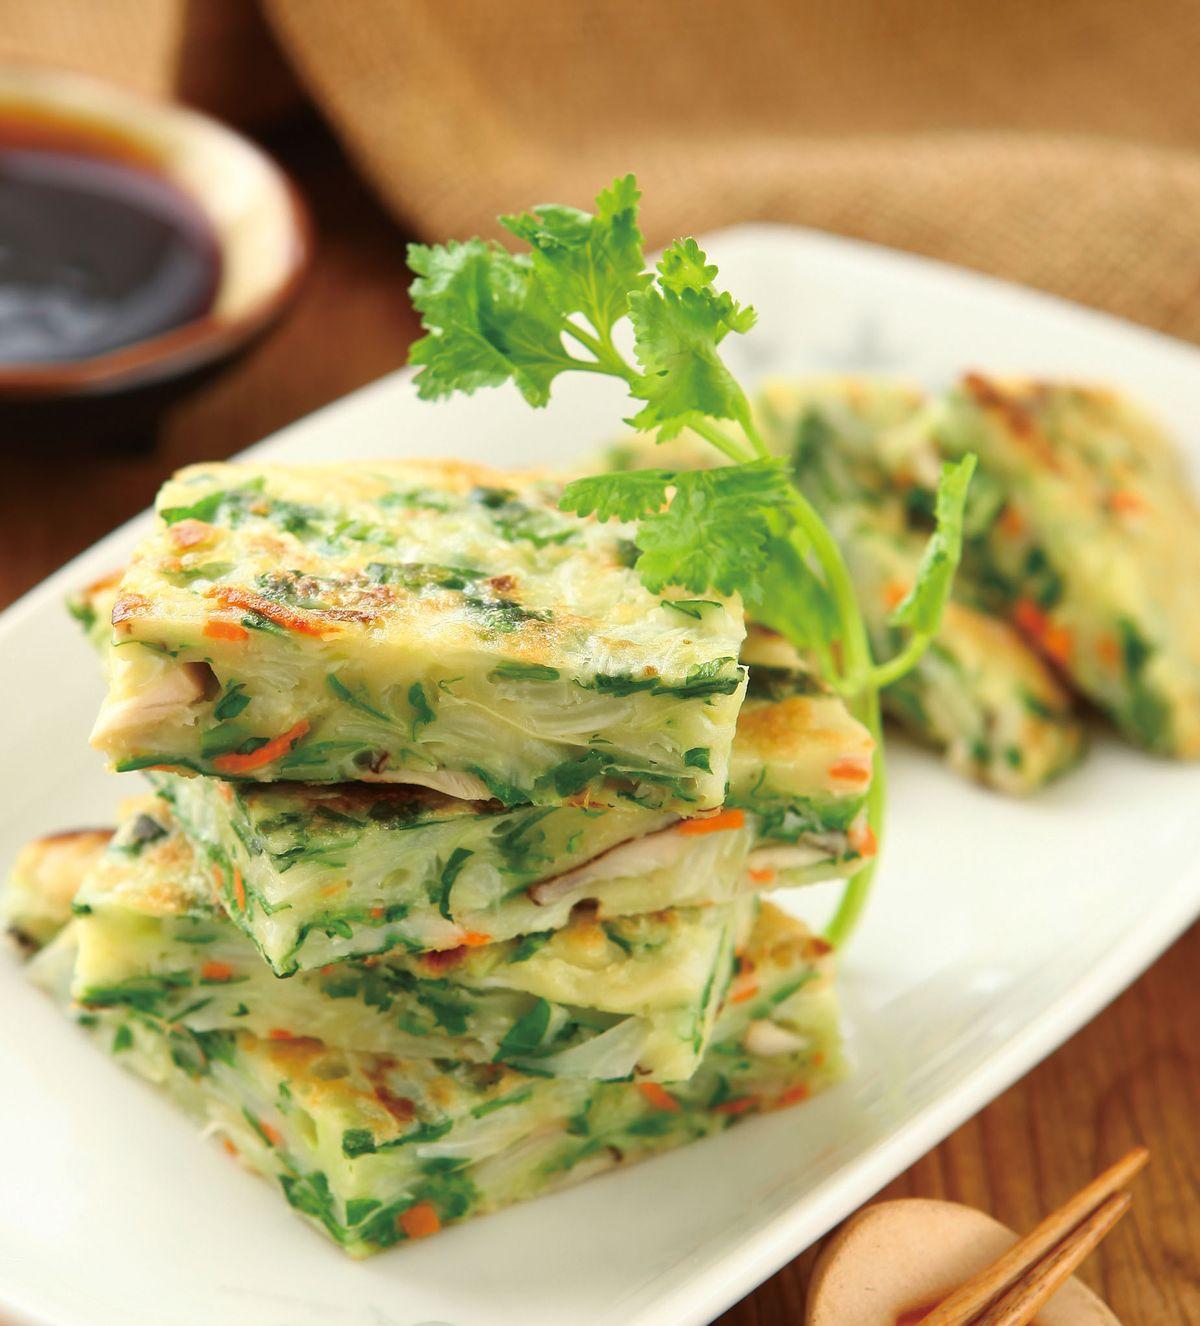 食譜:鮮蔬煎餅